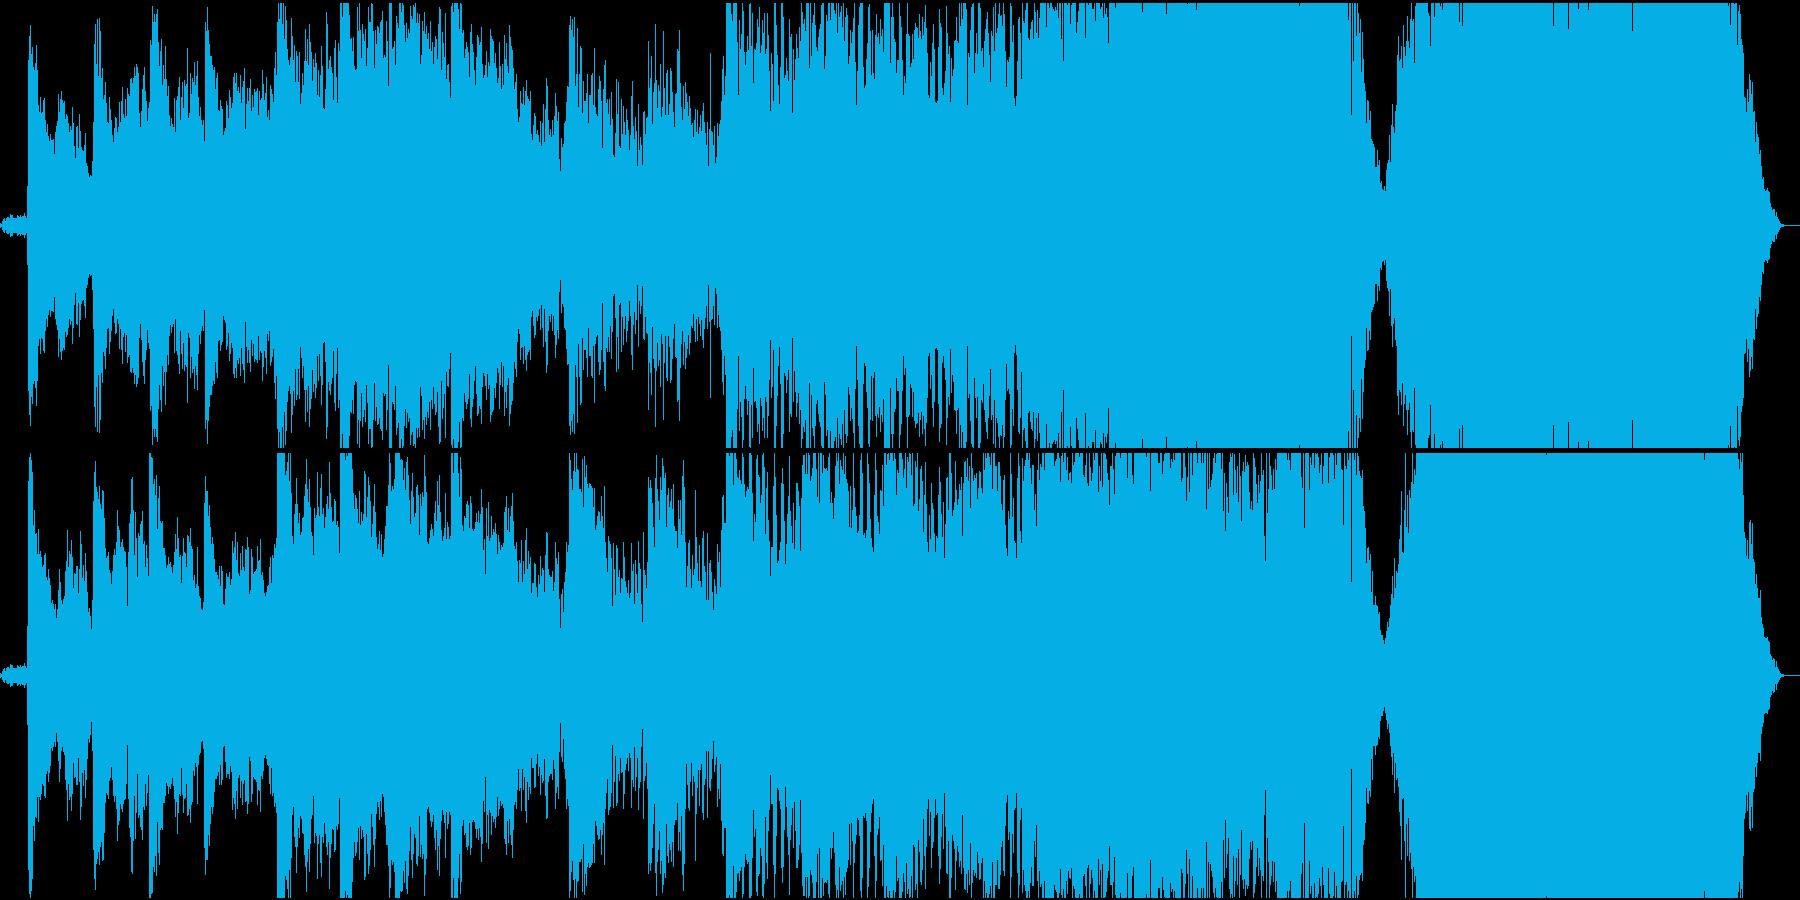 ダークオーケストラハリウッドトレイラーの再生済みの波形